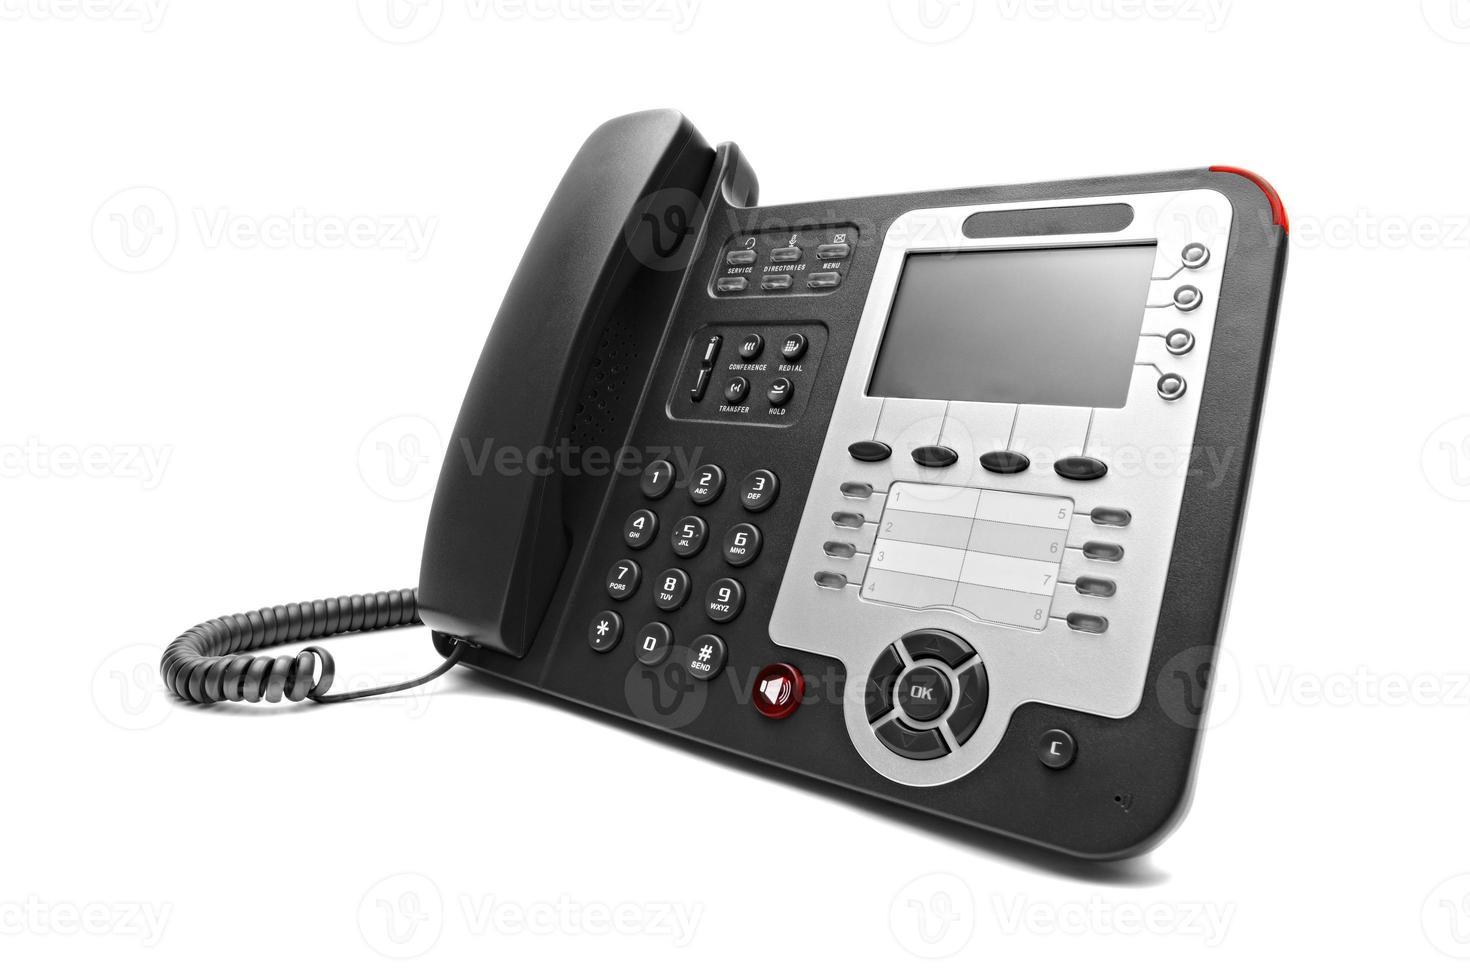 zwarte ip kantoor telefoon geïsoleerd foto